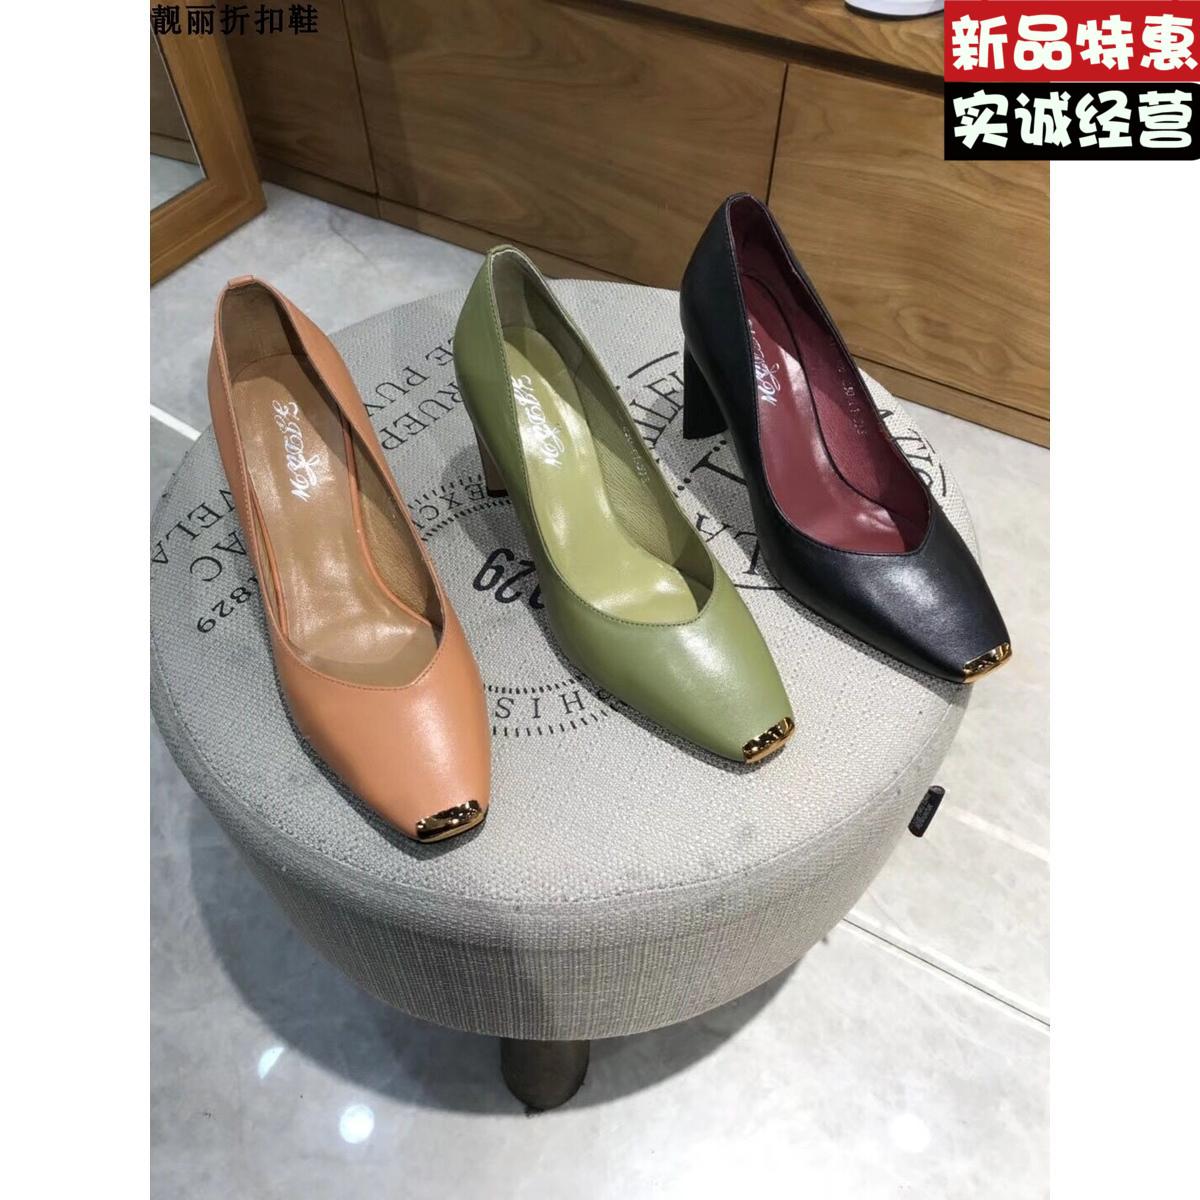 足间蝶舞817-109真皮女单鞋浅口金属方头粗高跟鞋2018春夏季新款